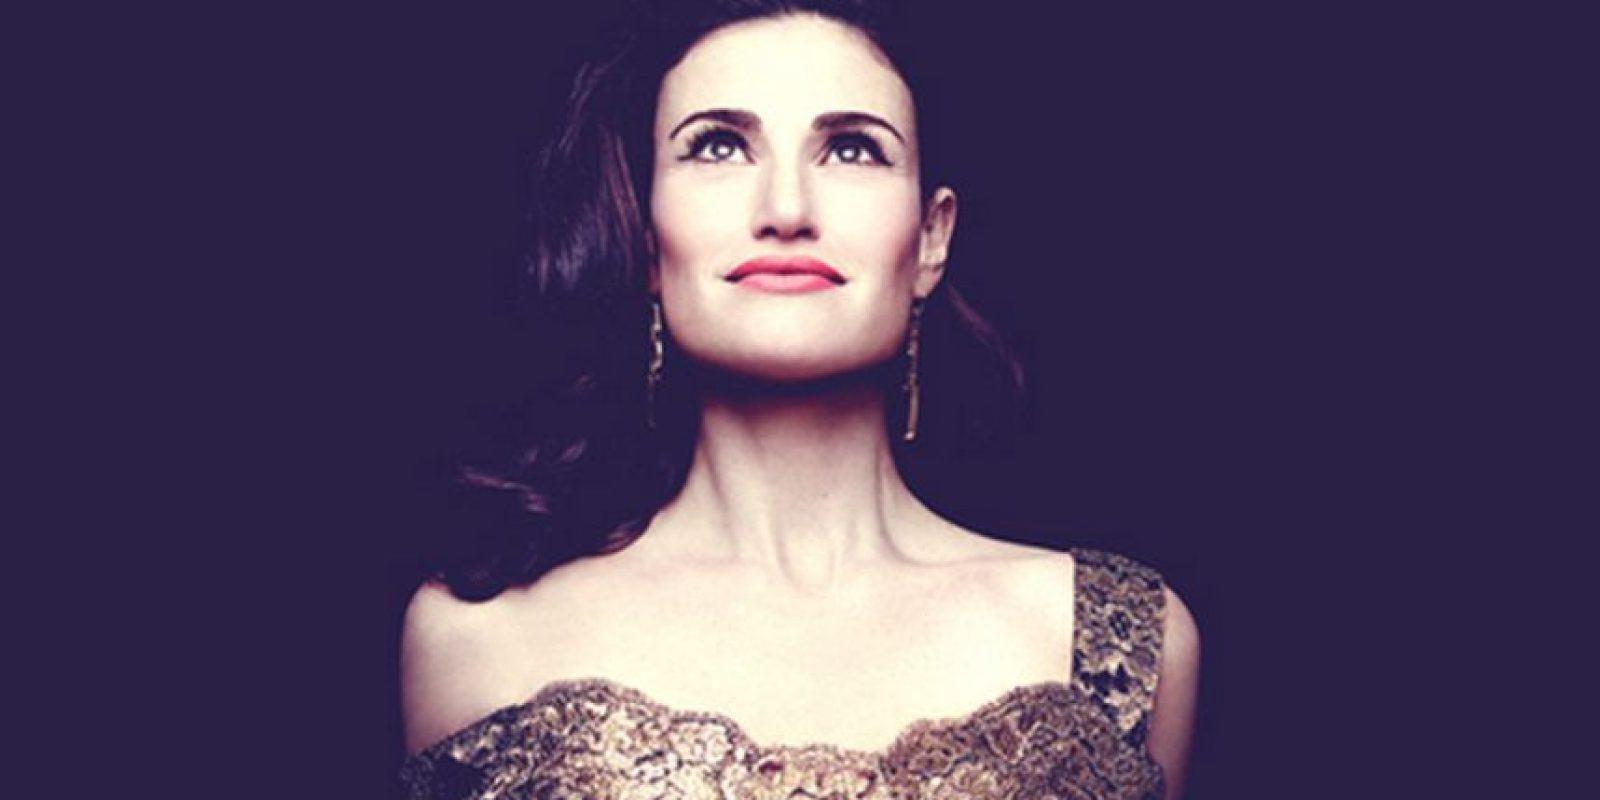 """Desde 2010 interpreta de forma ocasional el papel de Shelby Corcoran en la exitosa serie de televisión musical """"Glee"""" Foto:Facebook Idina Menzel"""